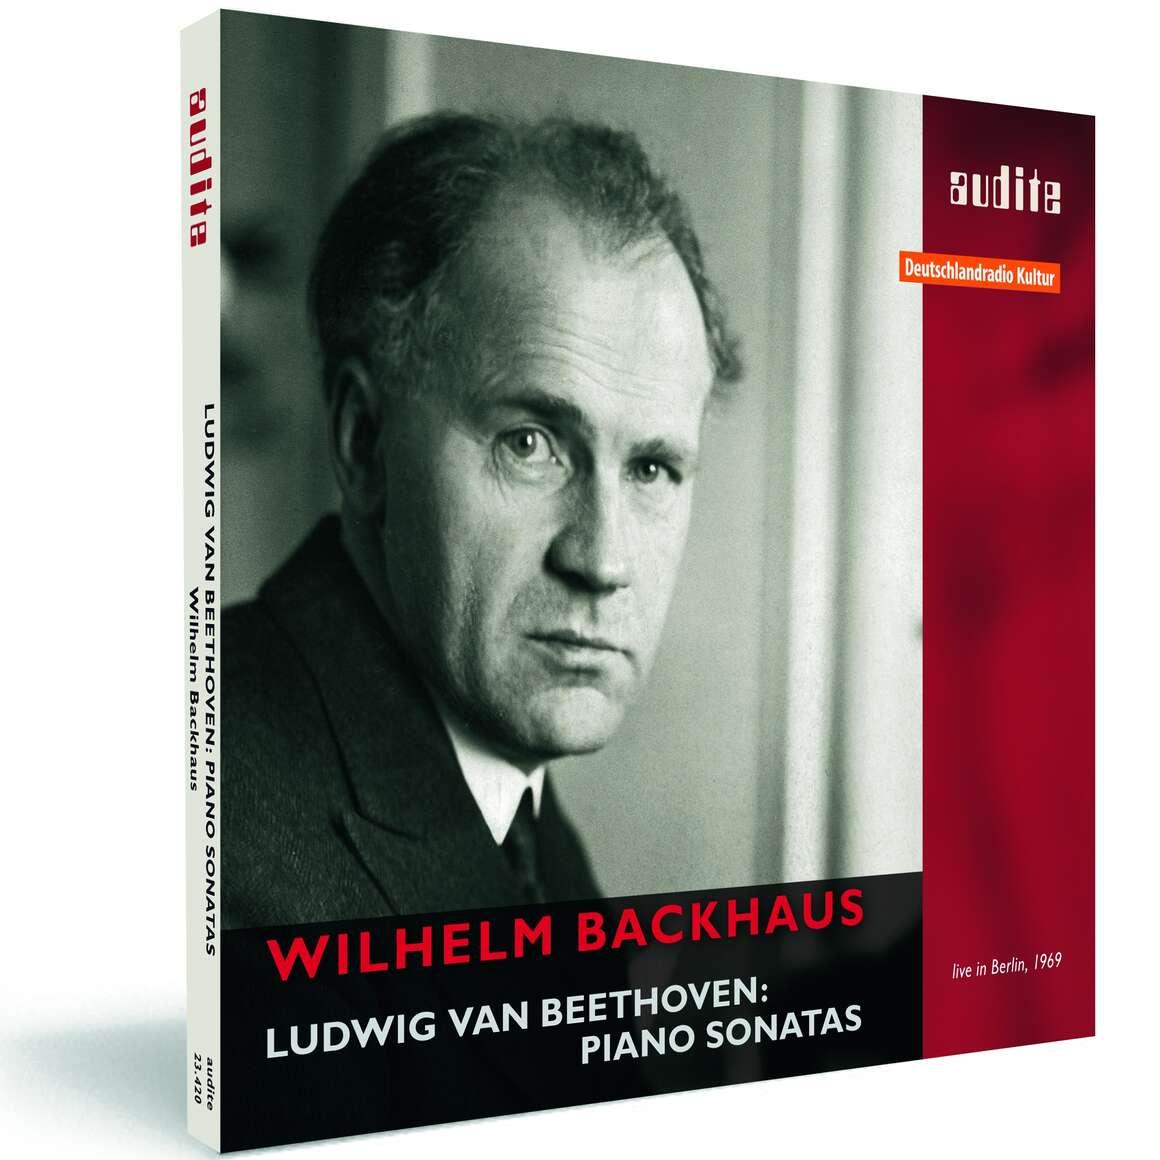 L. v. Beethoven: Piano Sonatas | Wilhelm Backhaus